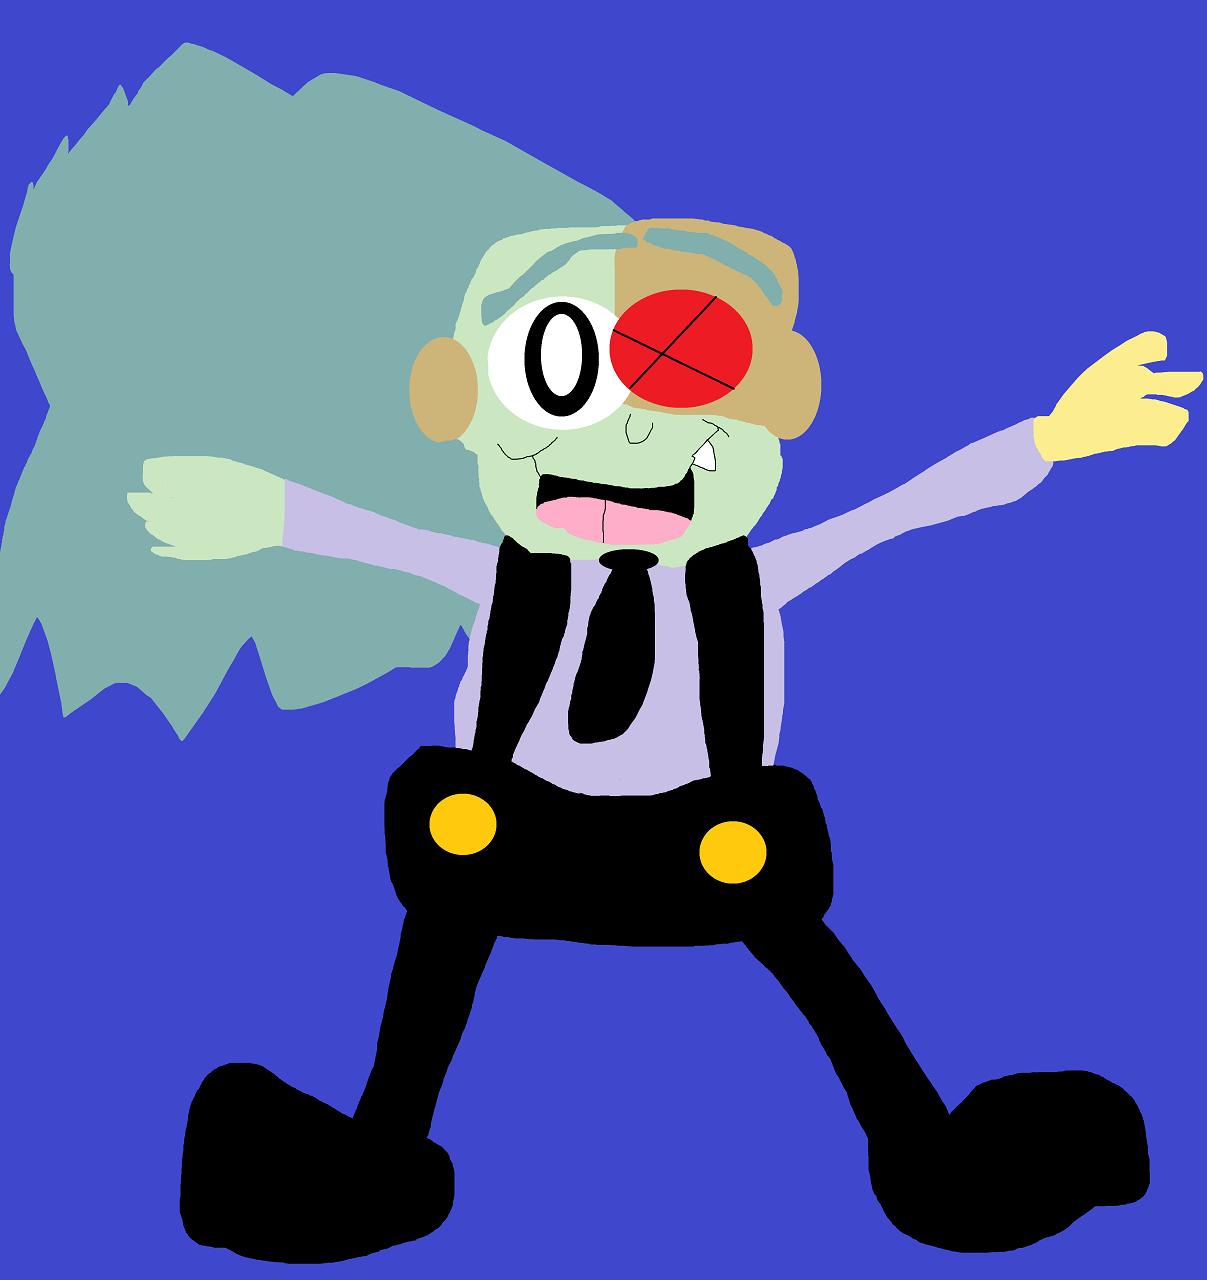 Random Cute Toony Boxman by Falconlobo